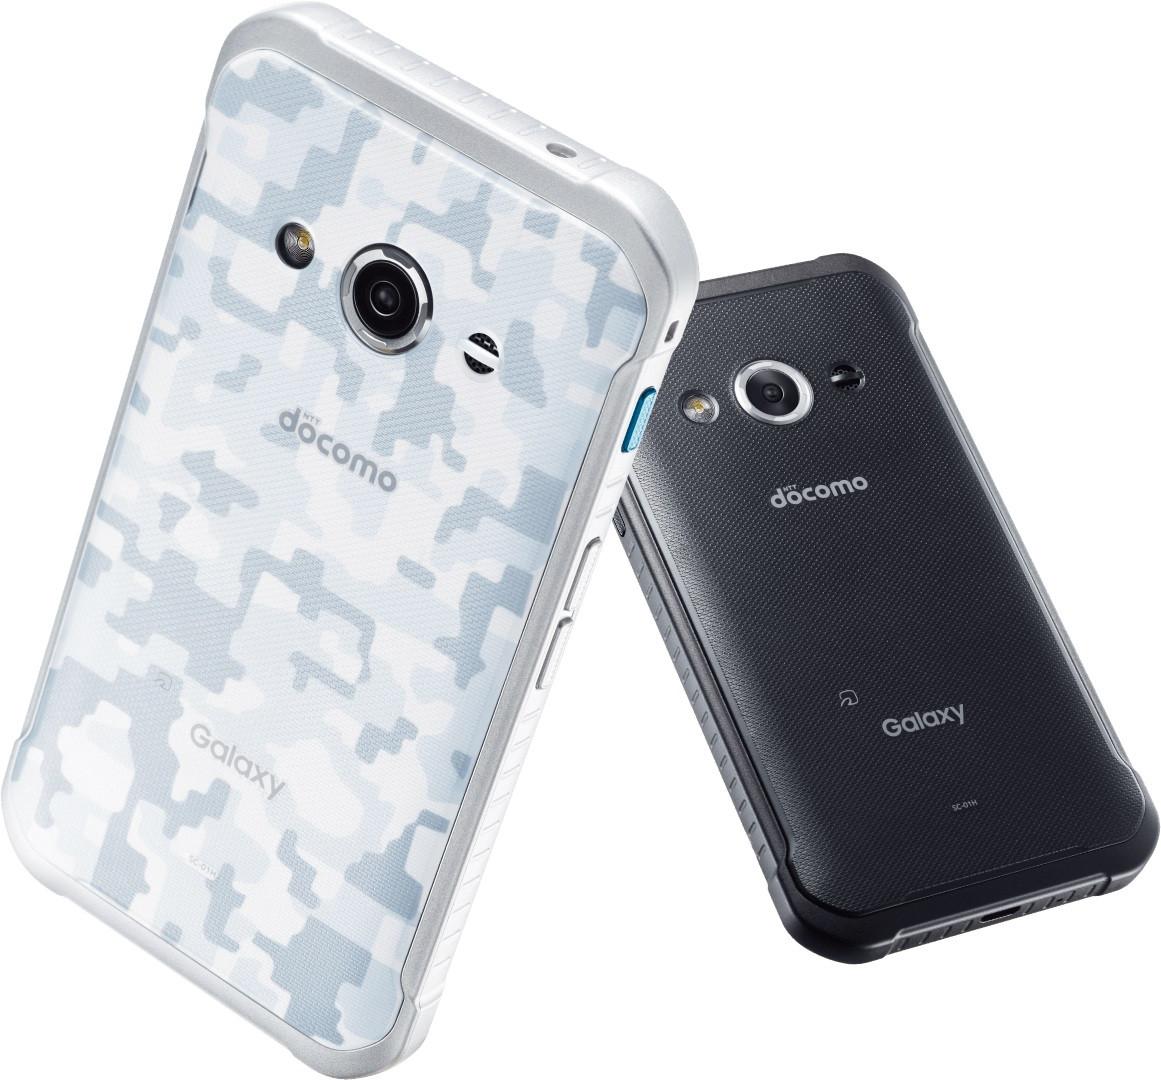 Docomo Samsung SC-01H Galaxy Active Neo Unlocked Tough Phone